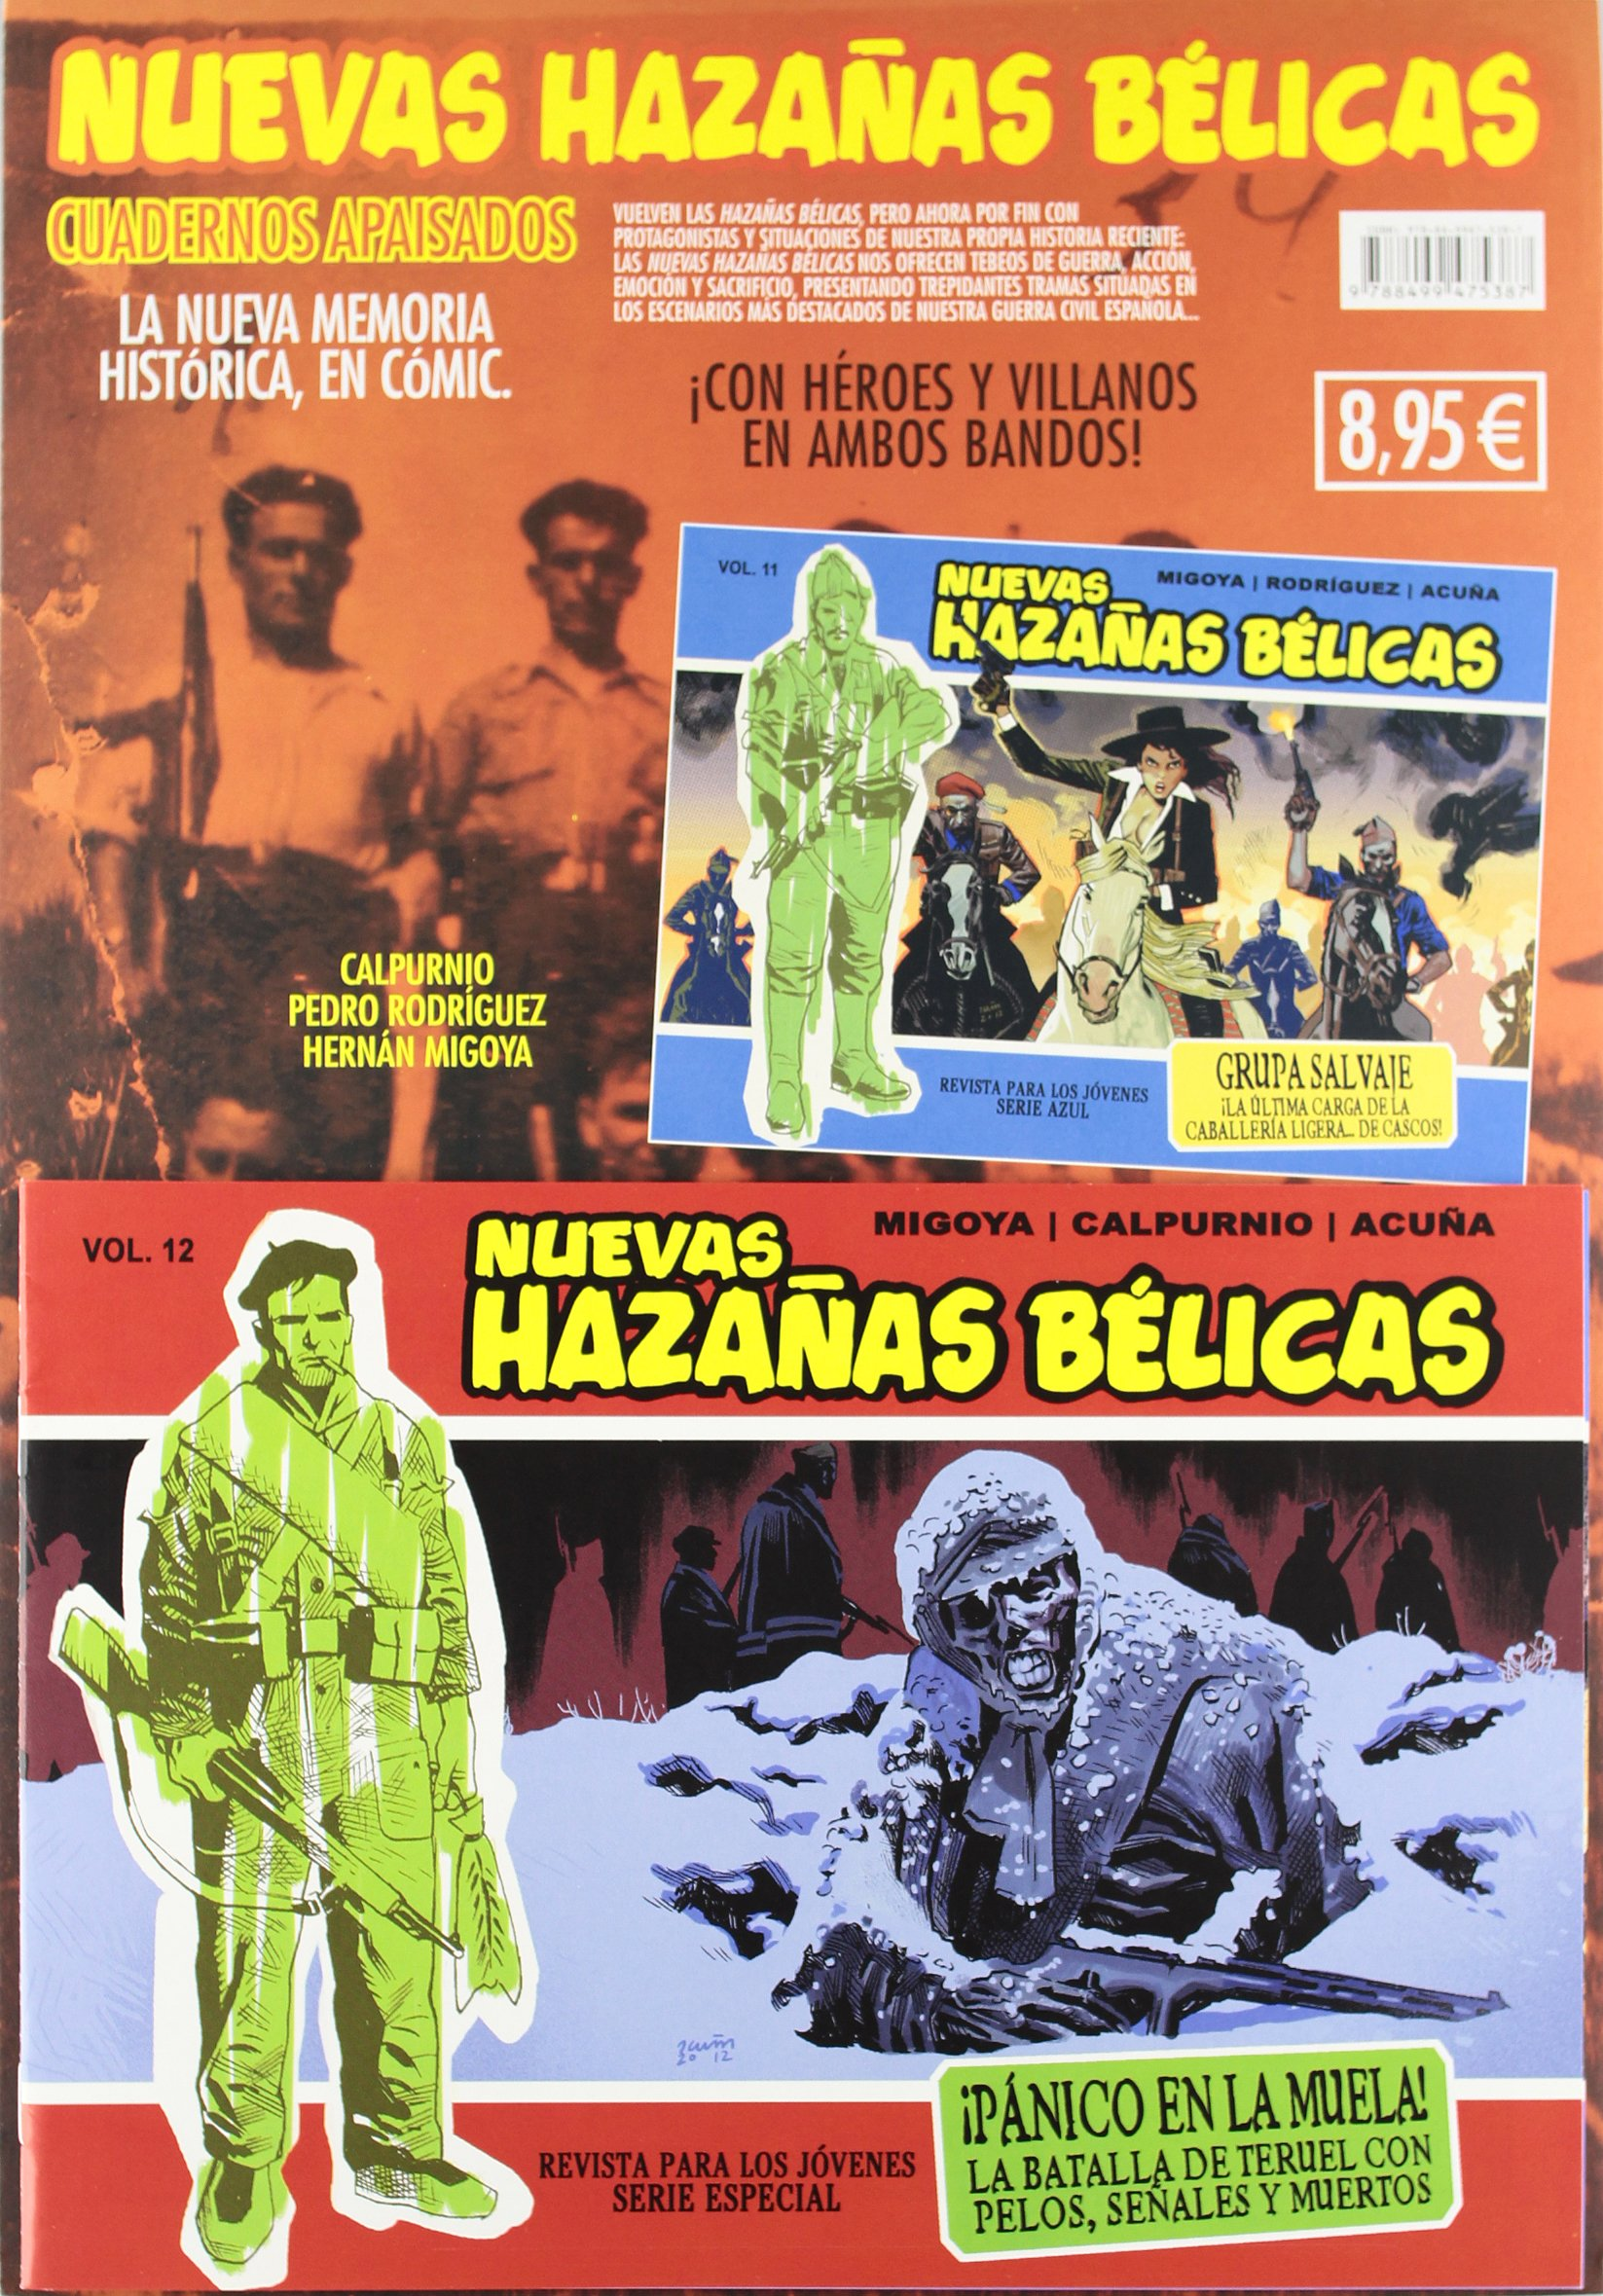 Nuevas hazañas bélicas 12: Amazon.es: Calpurnio, Migoya, Pere Joan, Pedro Rodríguez, Juaco Vizuete, Kano, Bartolomé Seguí , Miguel Ángel Martín, ...